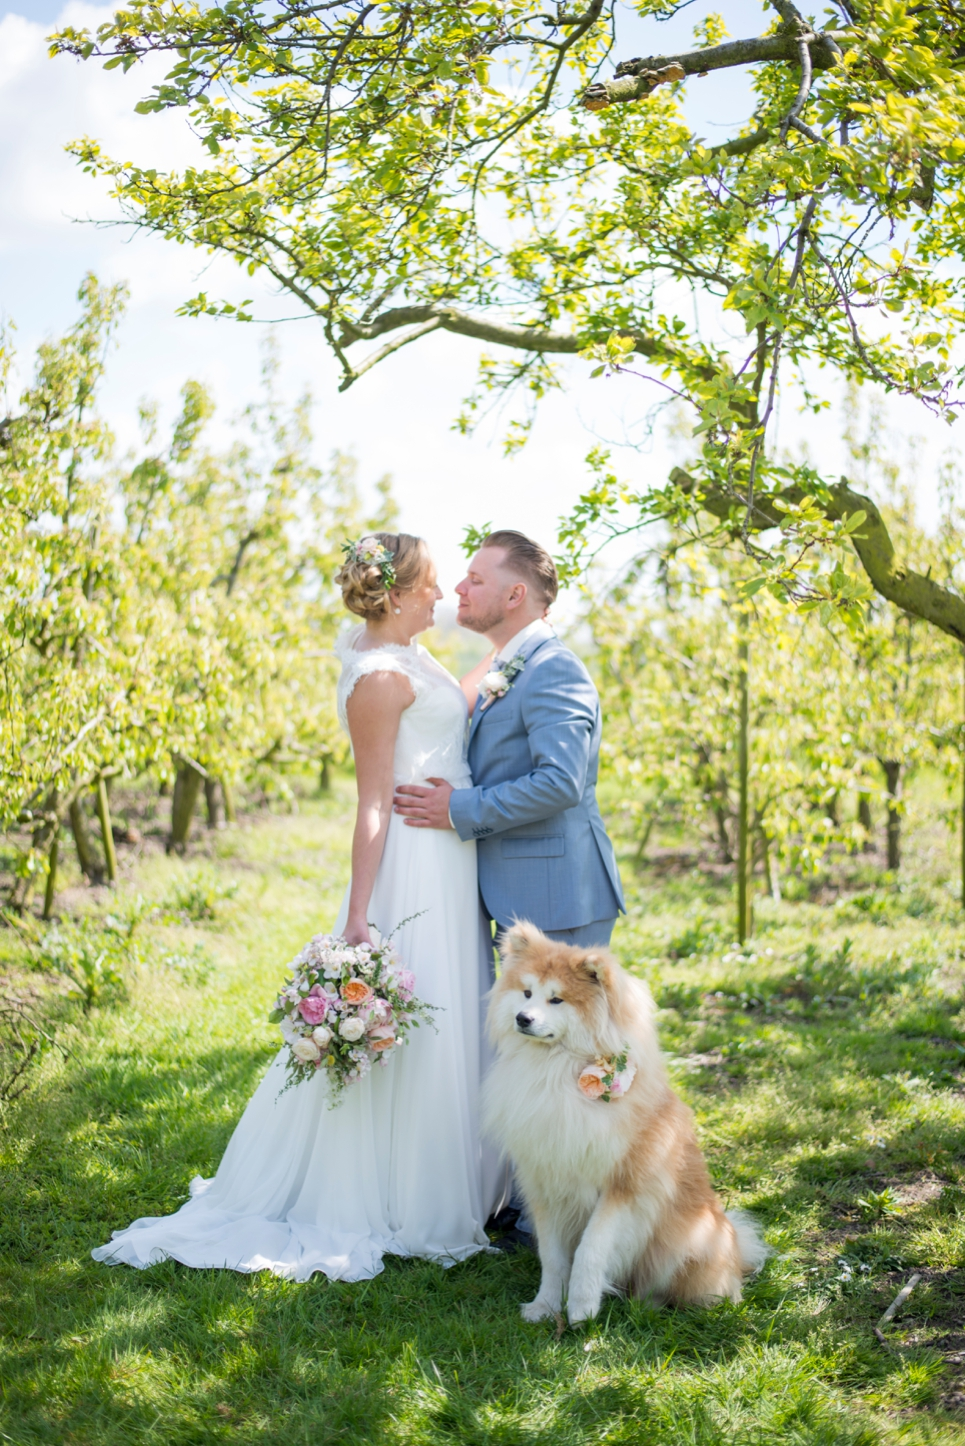 bloesem-fotoshoot-bruidspaar-betuwe